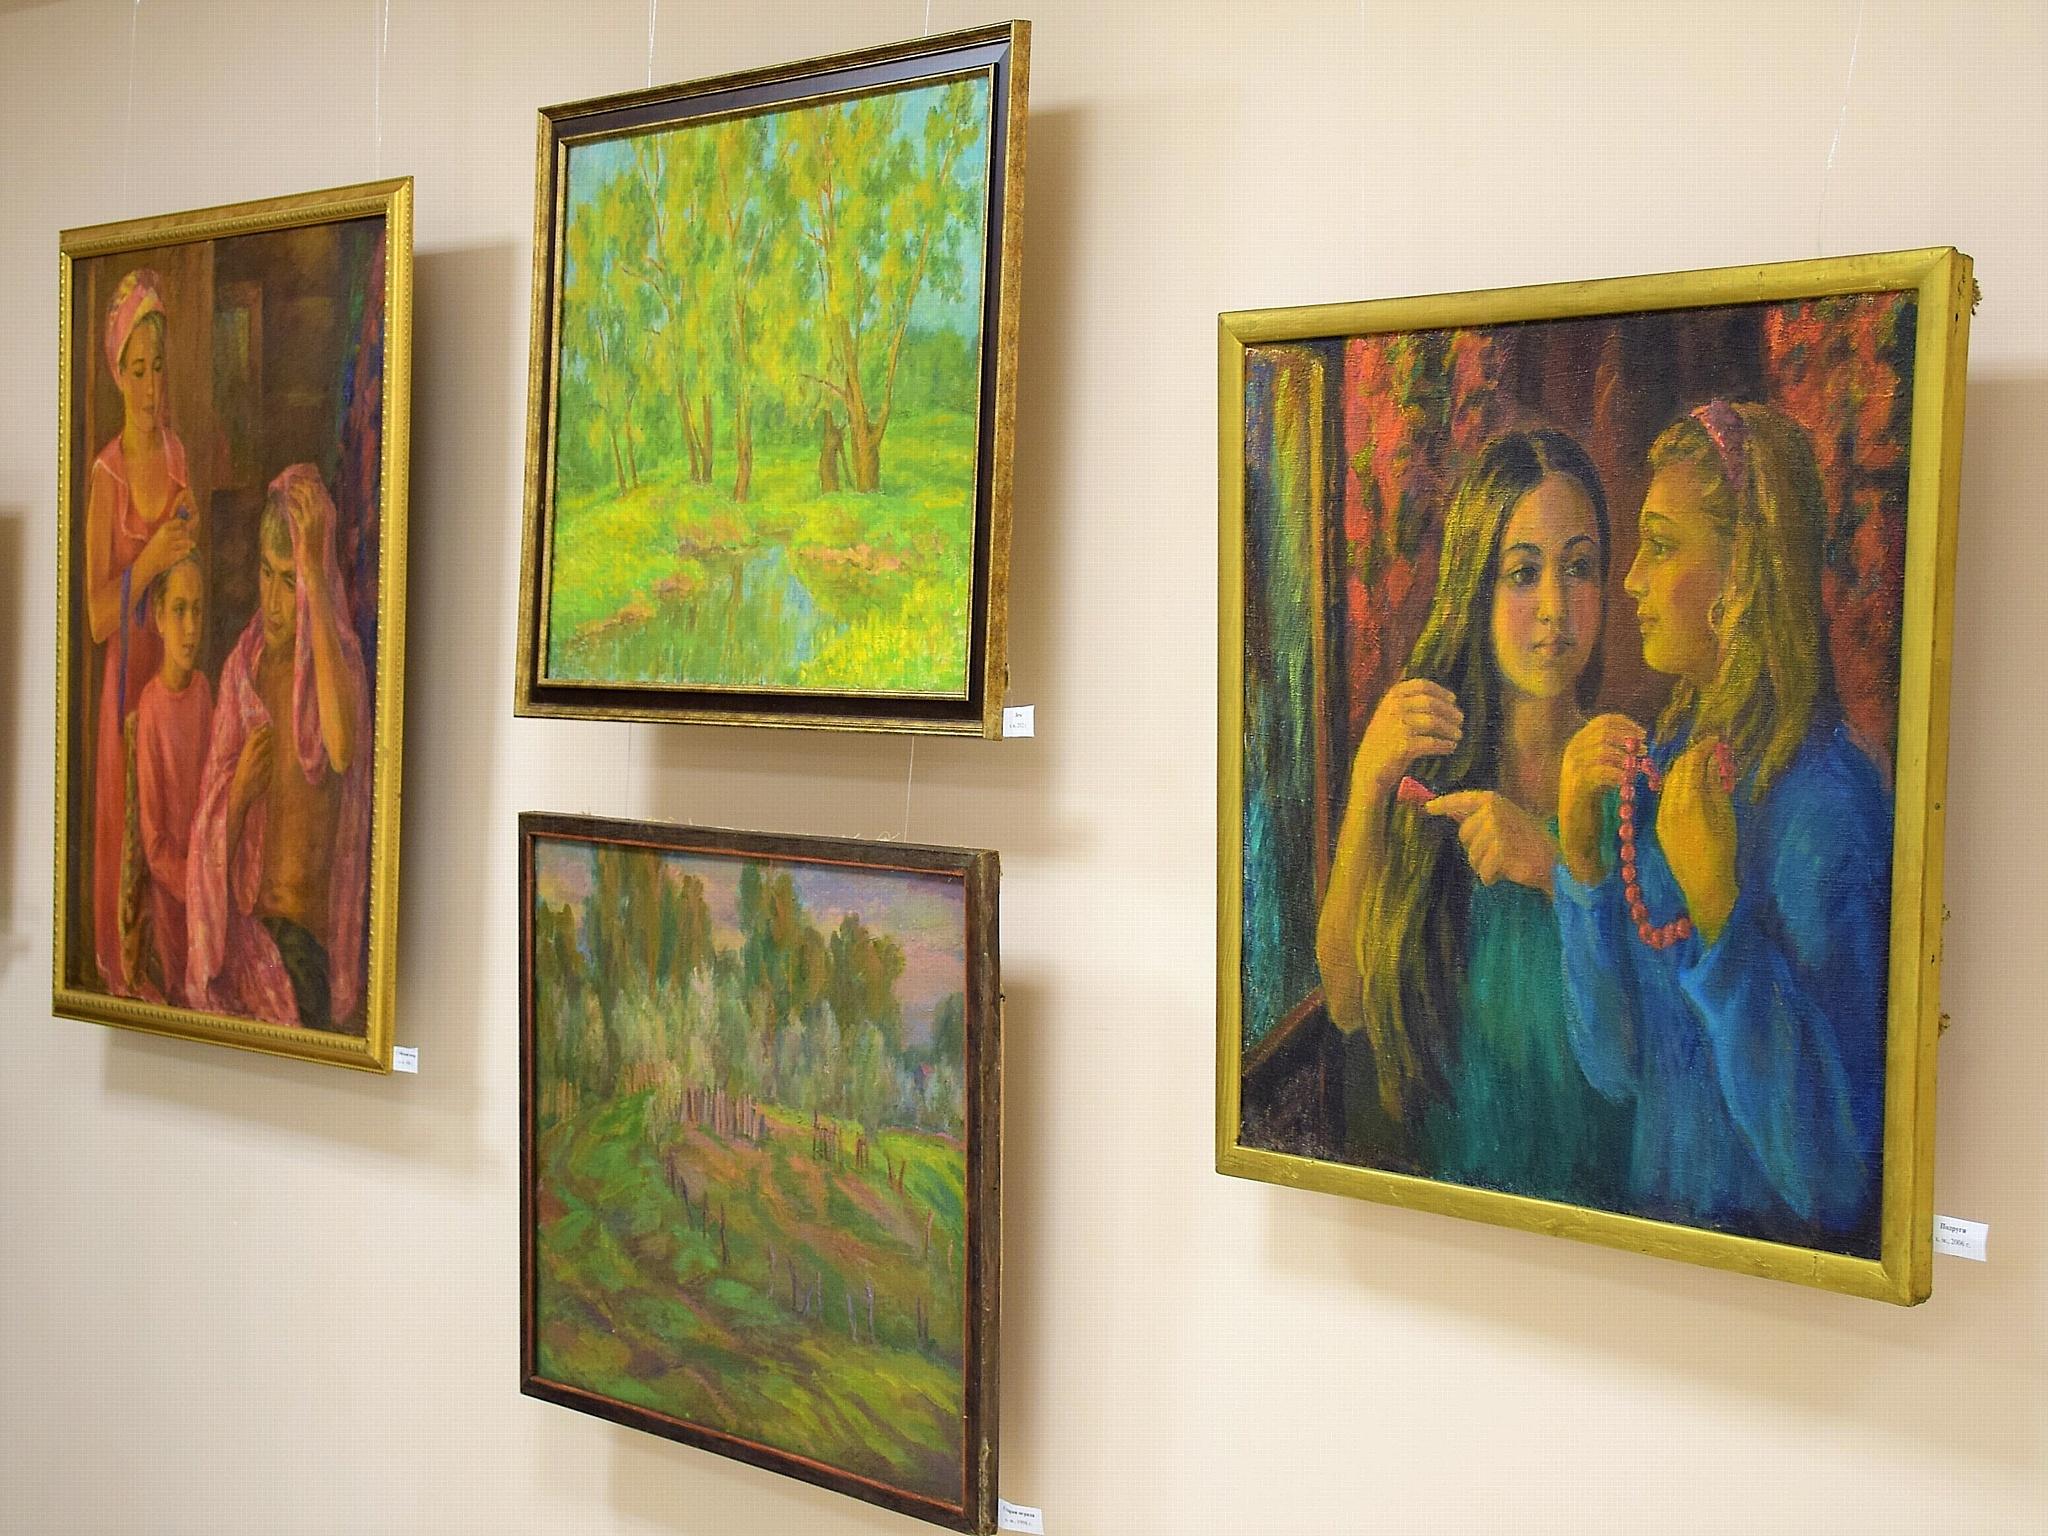 Дом дружбы народов Чувашии знакомит с творчеством чувашских художников